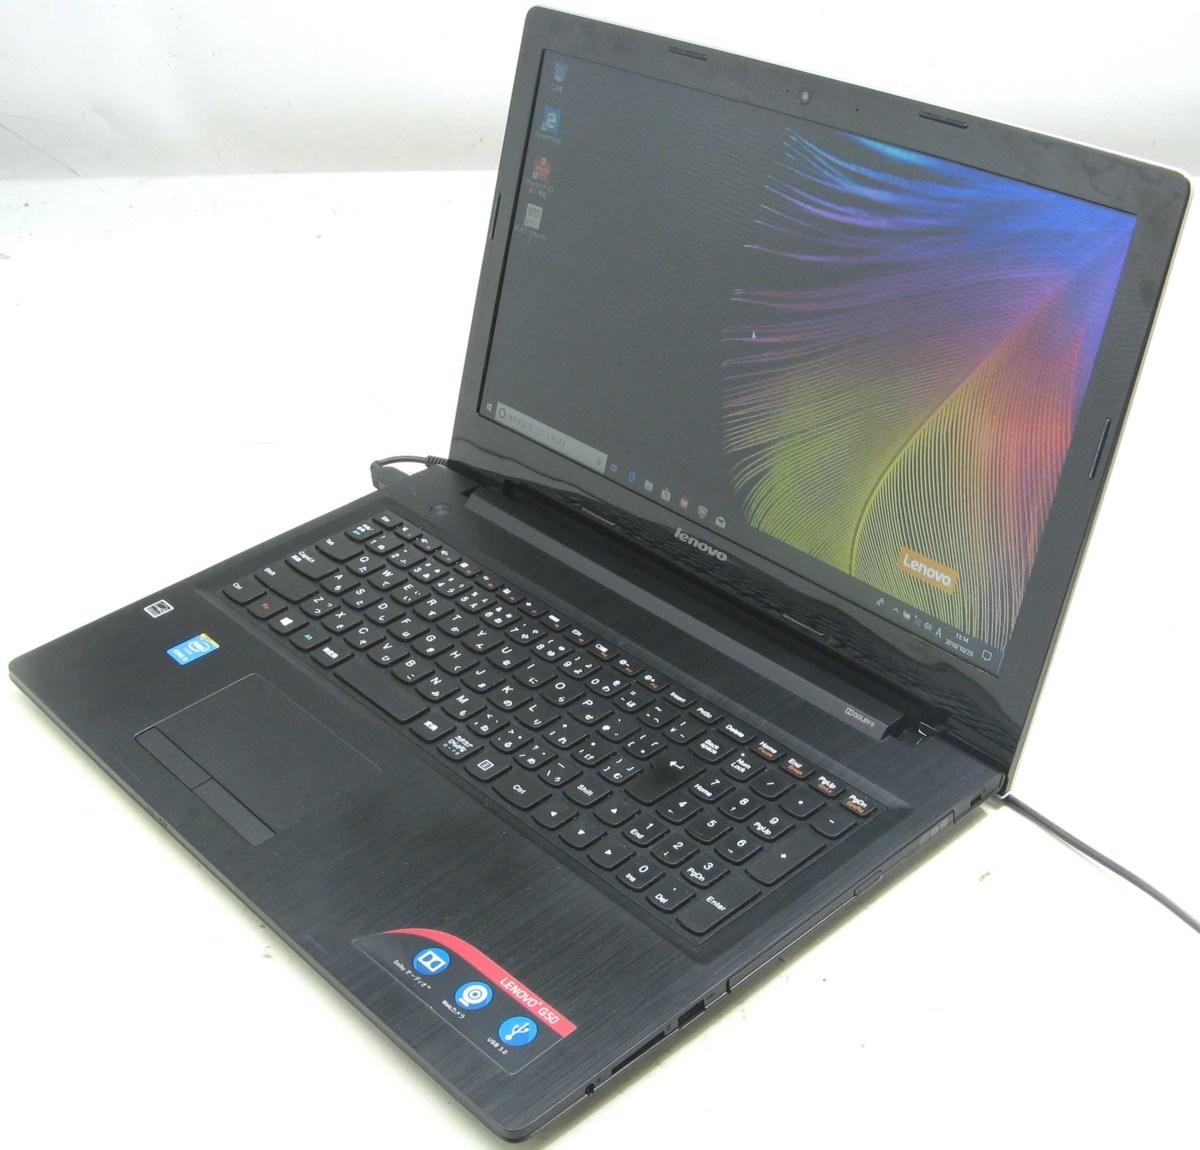 中古ノートパソコン Lenovo G50 80E5(レノボ IBM Windows10 Corei5 15.6インチ HDMI出力端子 DVDスーパーマルチドライブ)【中古】【中古パソコン/中古PC】